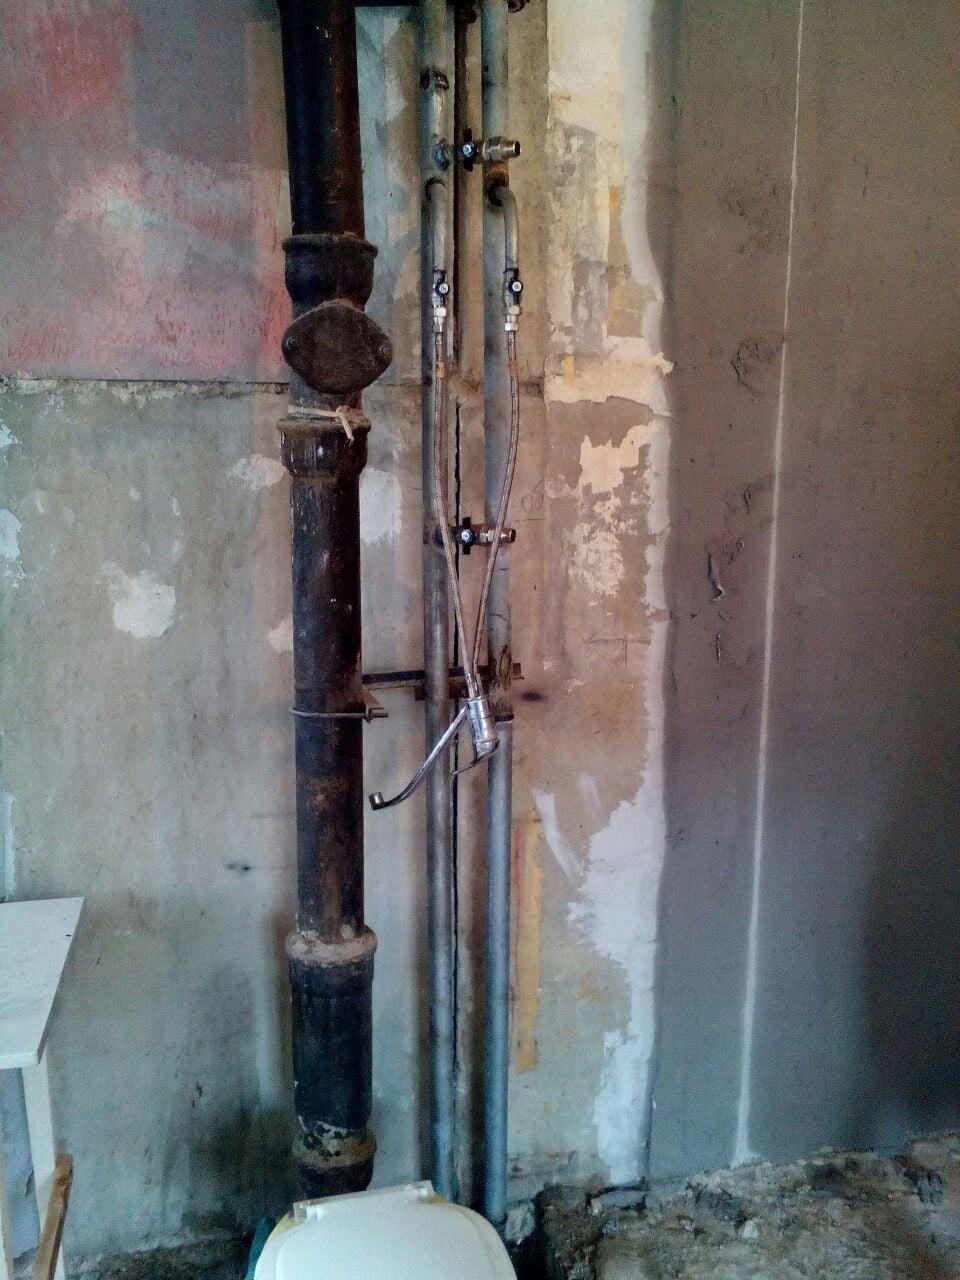 Подмес горячей воды в холодную: что это такое, причины, может ли быть у соседей по стояку, действия при появлении и профилактические меры